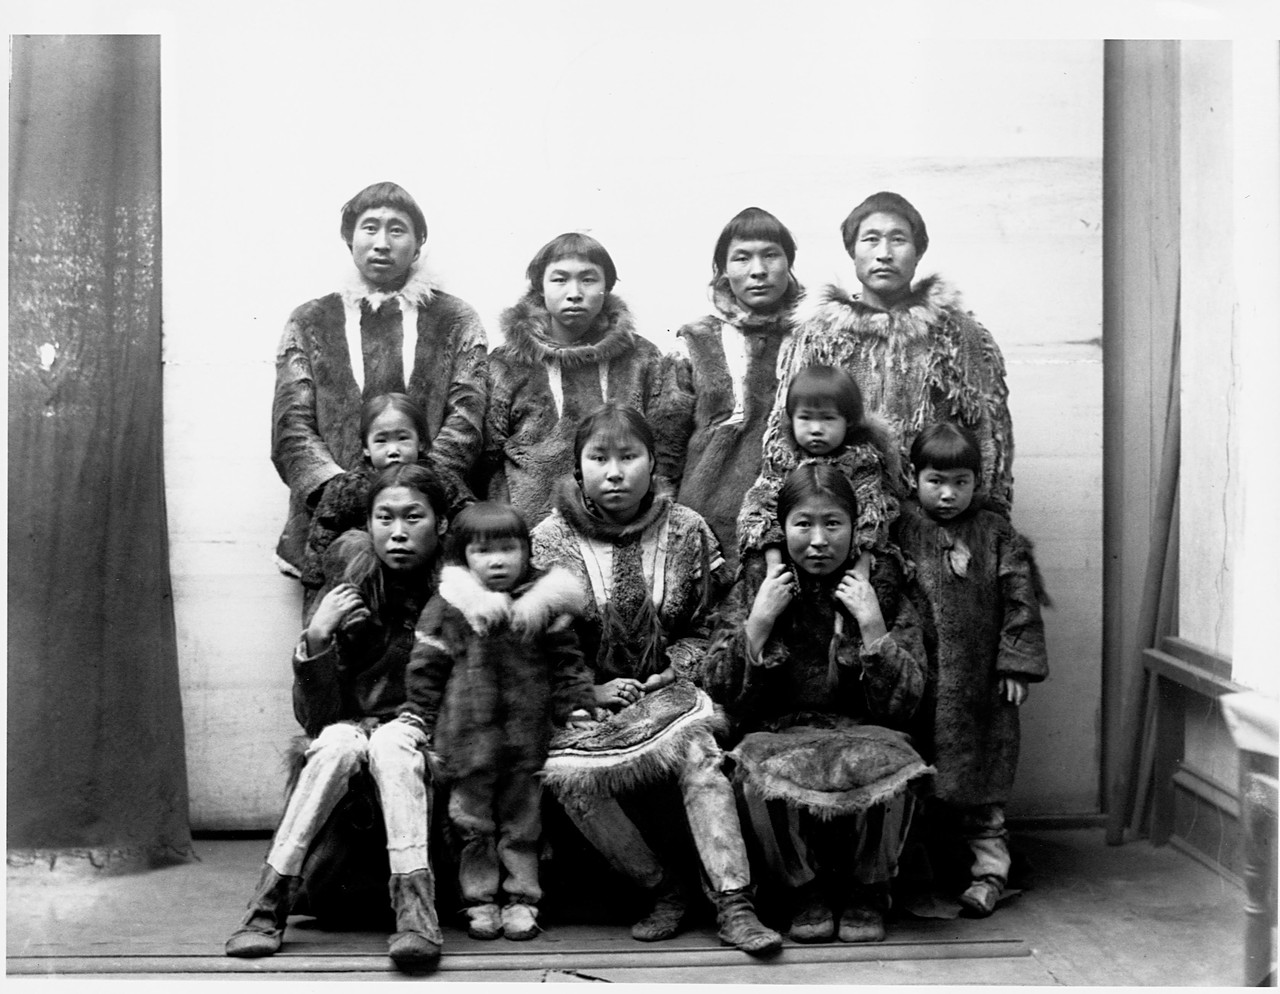 Inuit_26.jpg